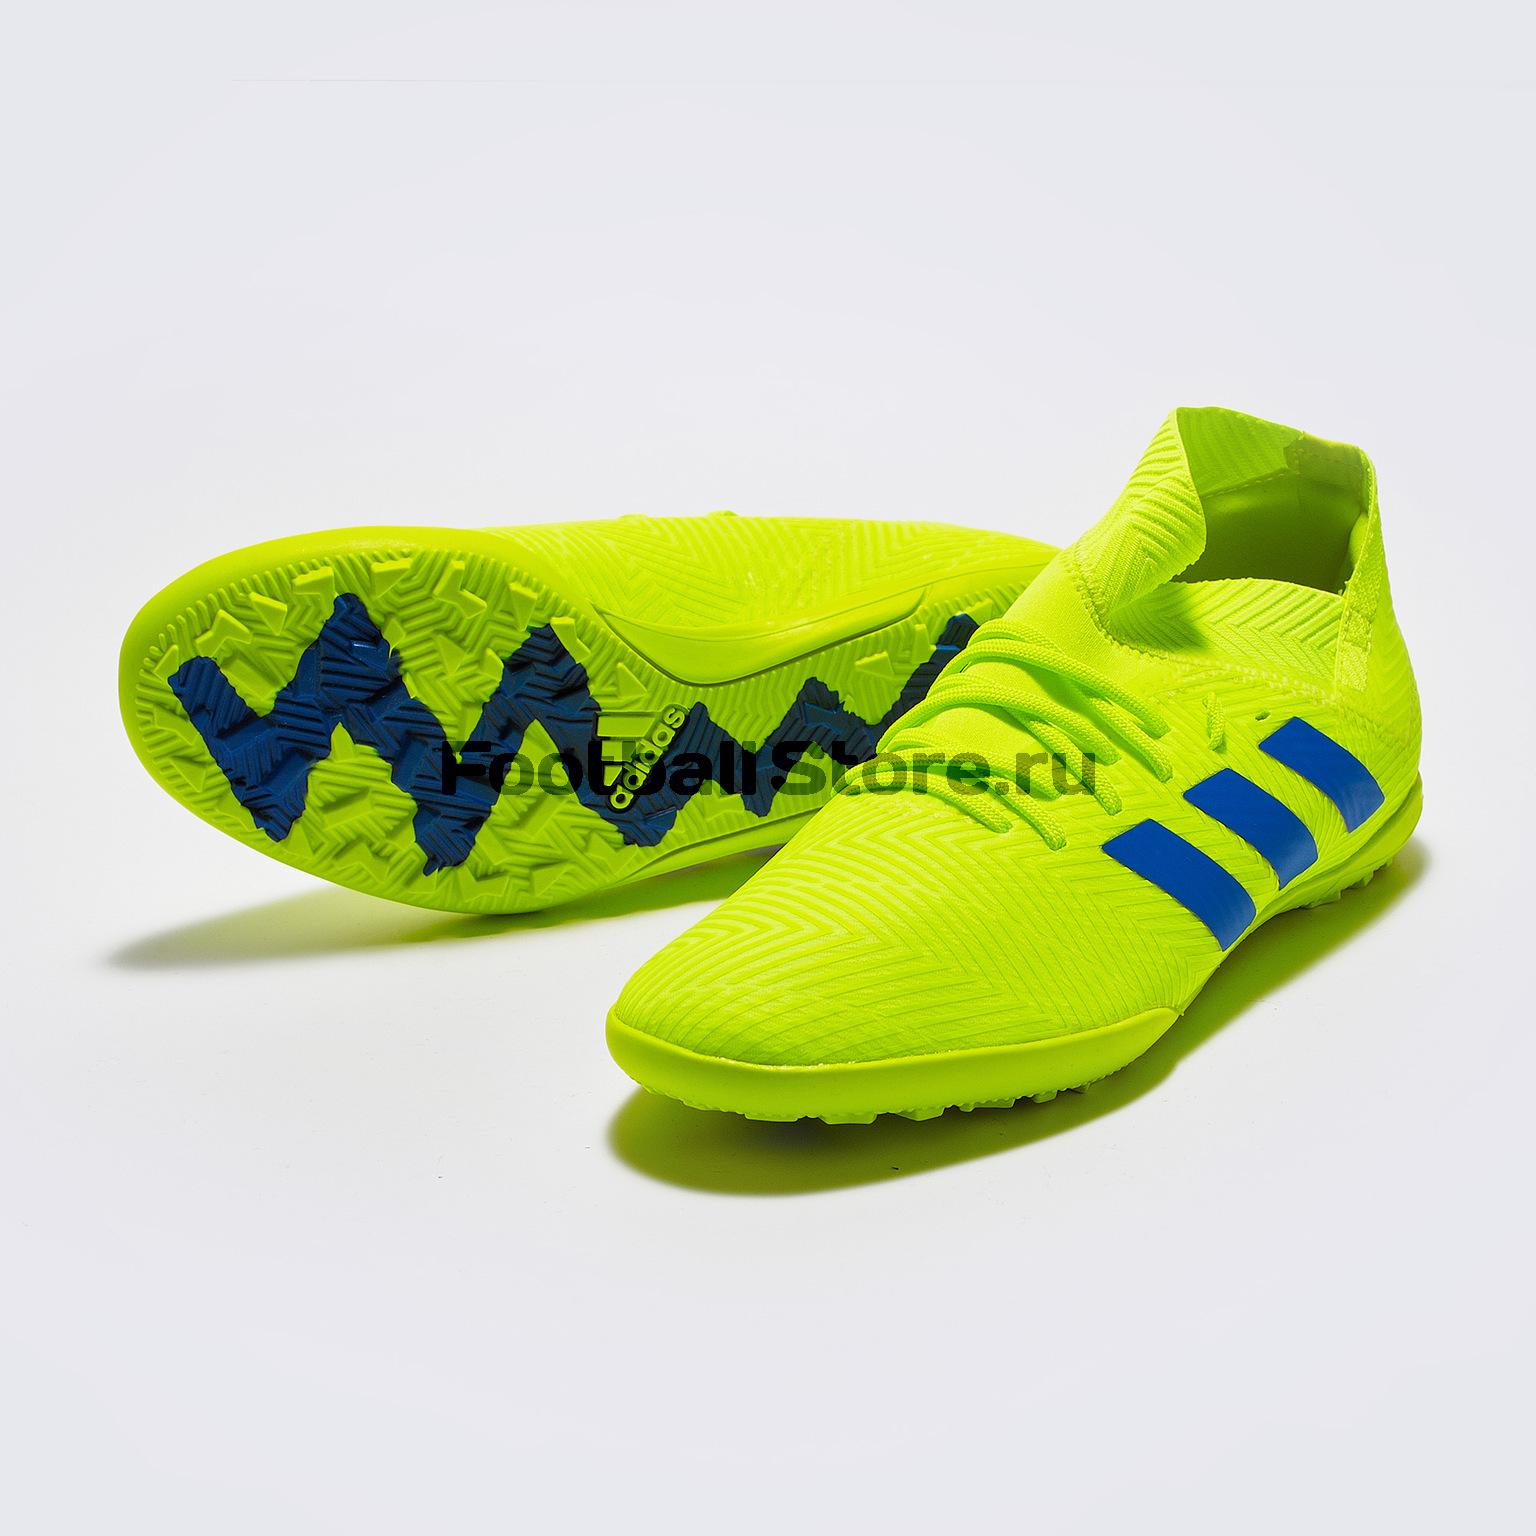 ffdc26a7 Шиповки детские Adidas Nemeziz 18.3 TF CM8516 – купить в интернет ...